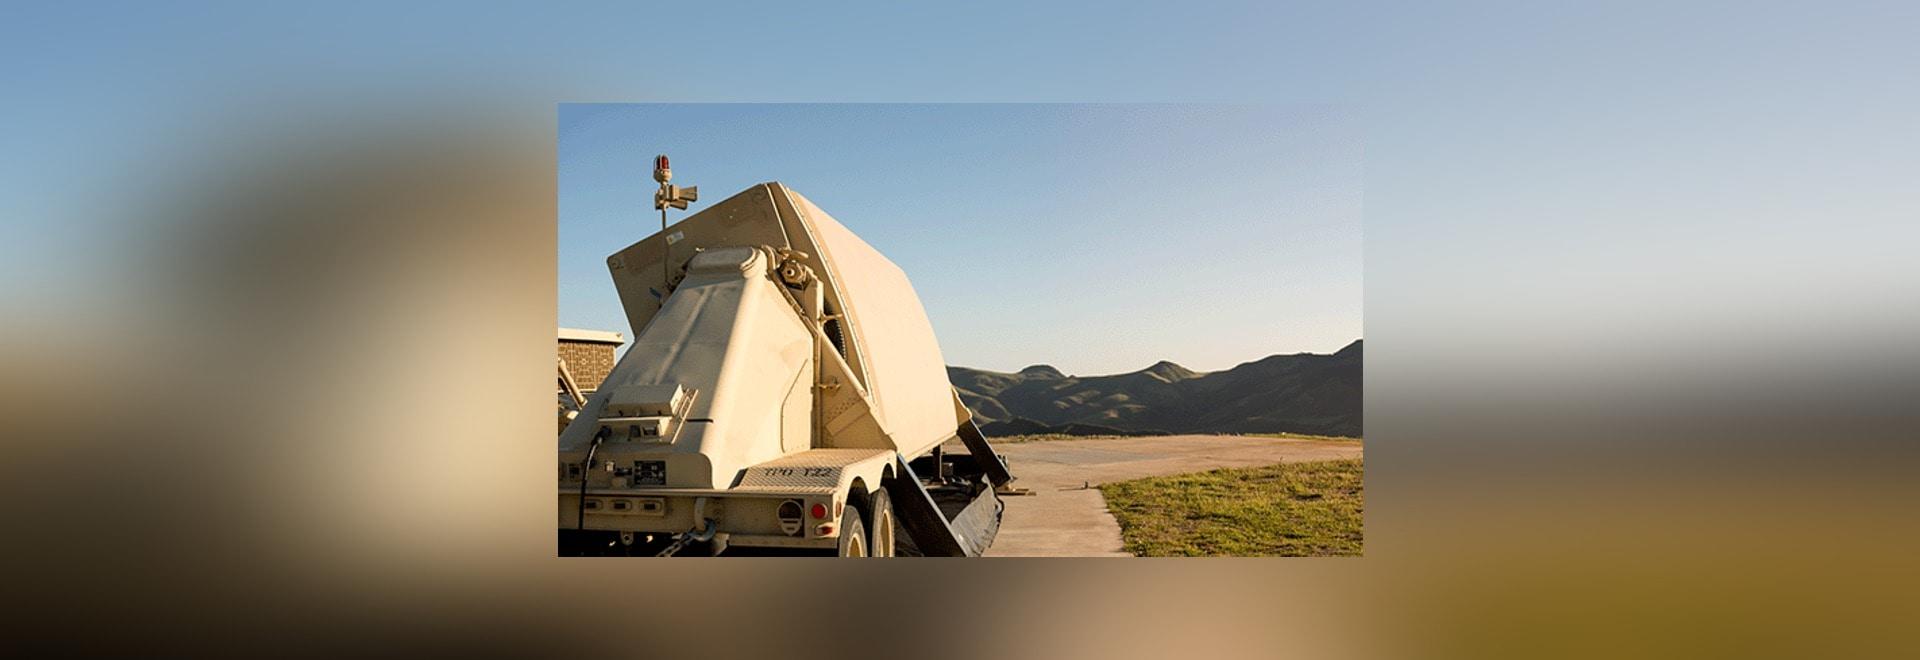 Raytheon ha comenzado a aumentar las unidades del equipo electrónico (EEUs) para que las unidades balísticas del radar AN/TPY-2 fine-tune el seguimiento de misiles balísticos en incursiones en gran...